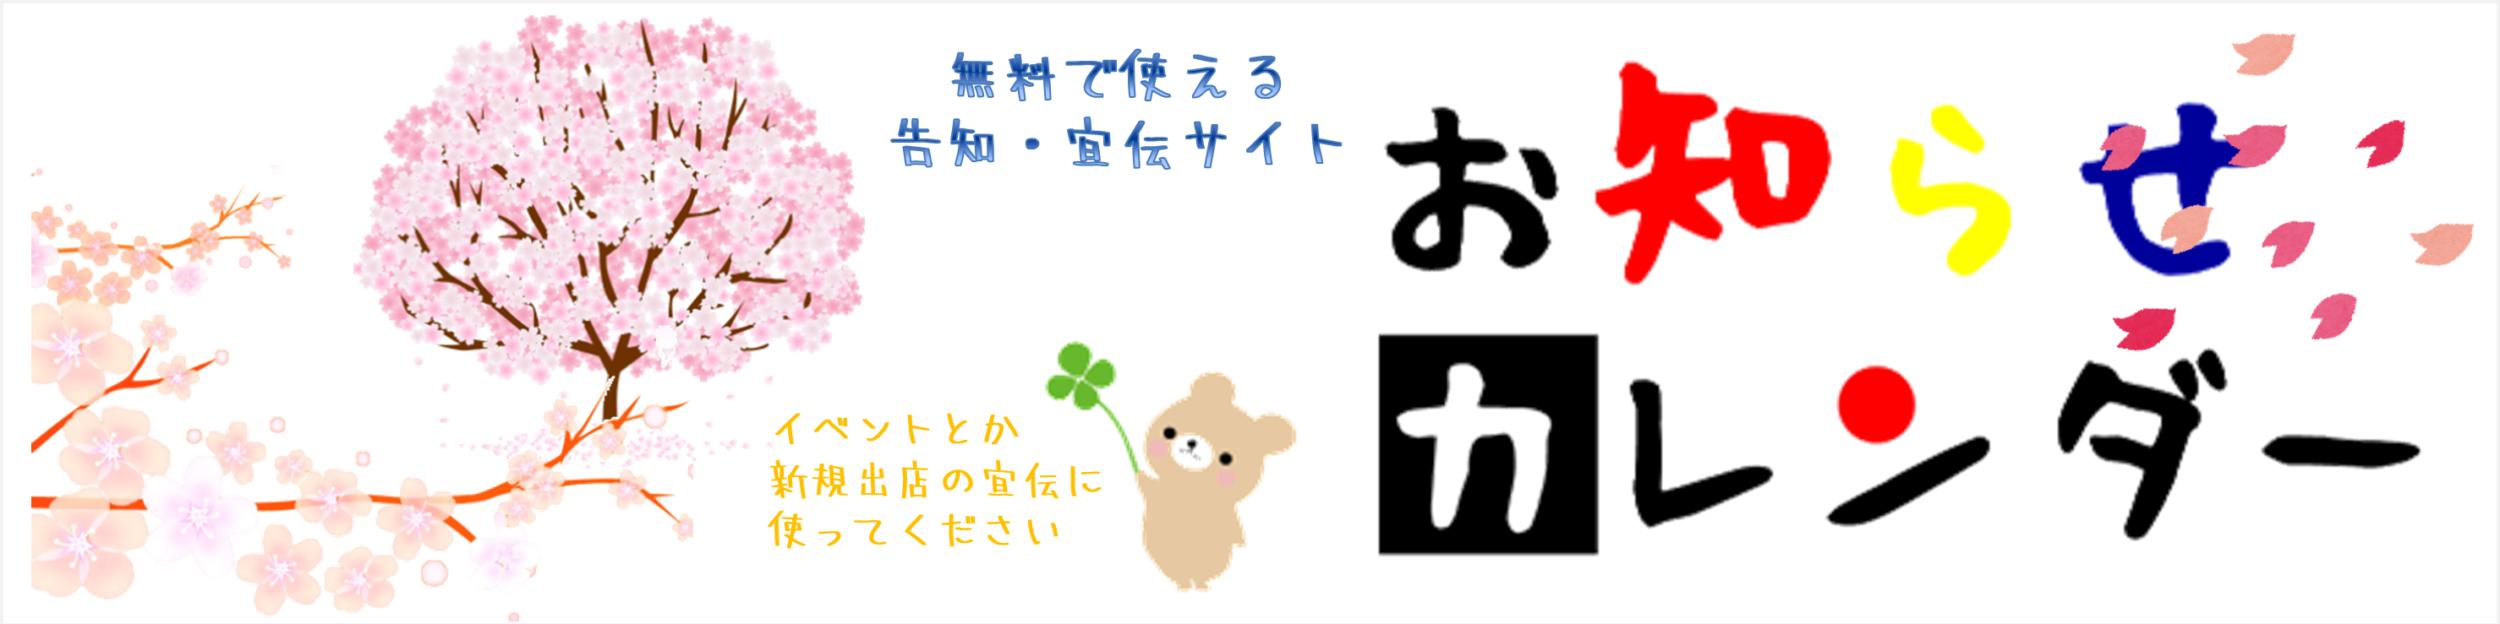 イベント告知サイト お知らせカレンダー